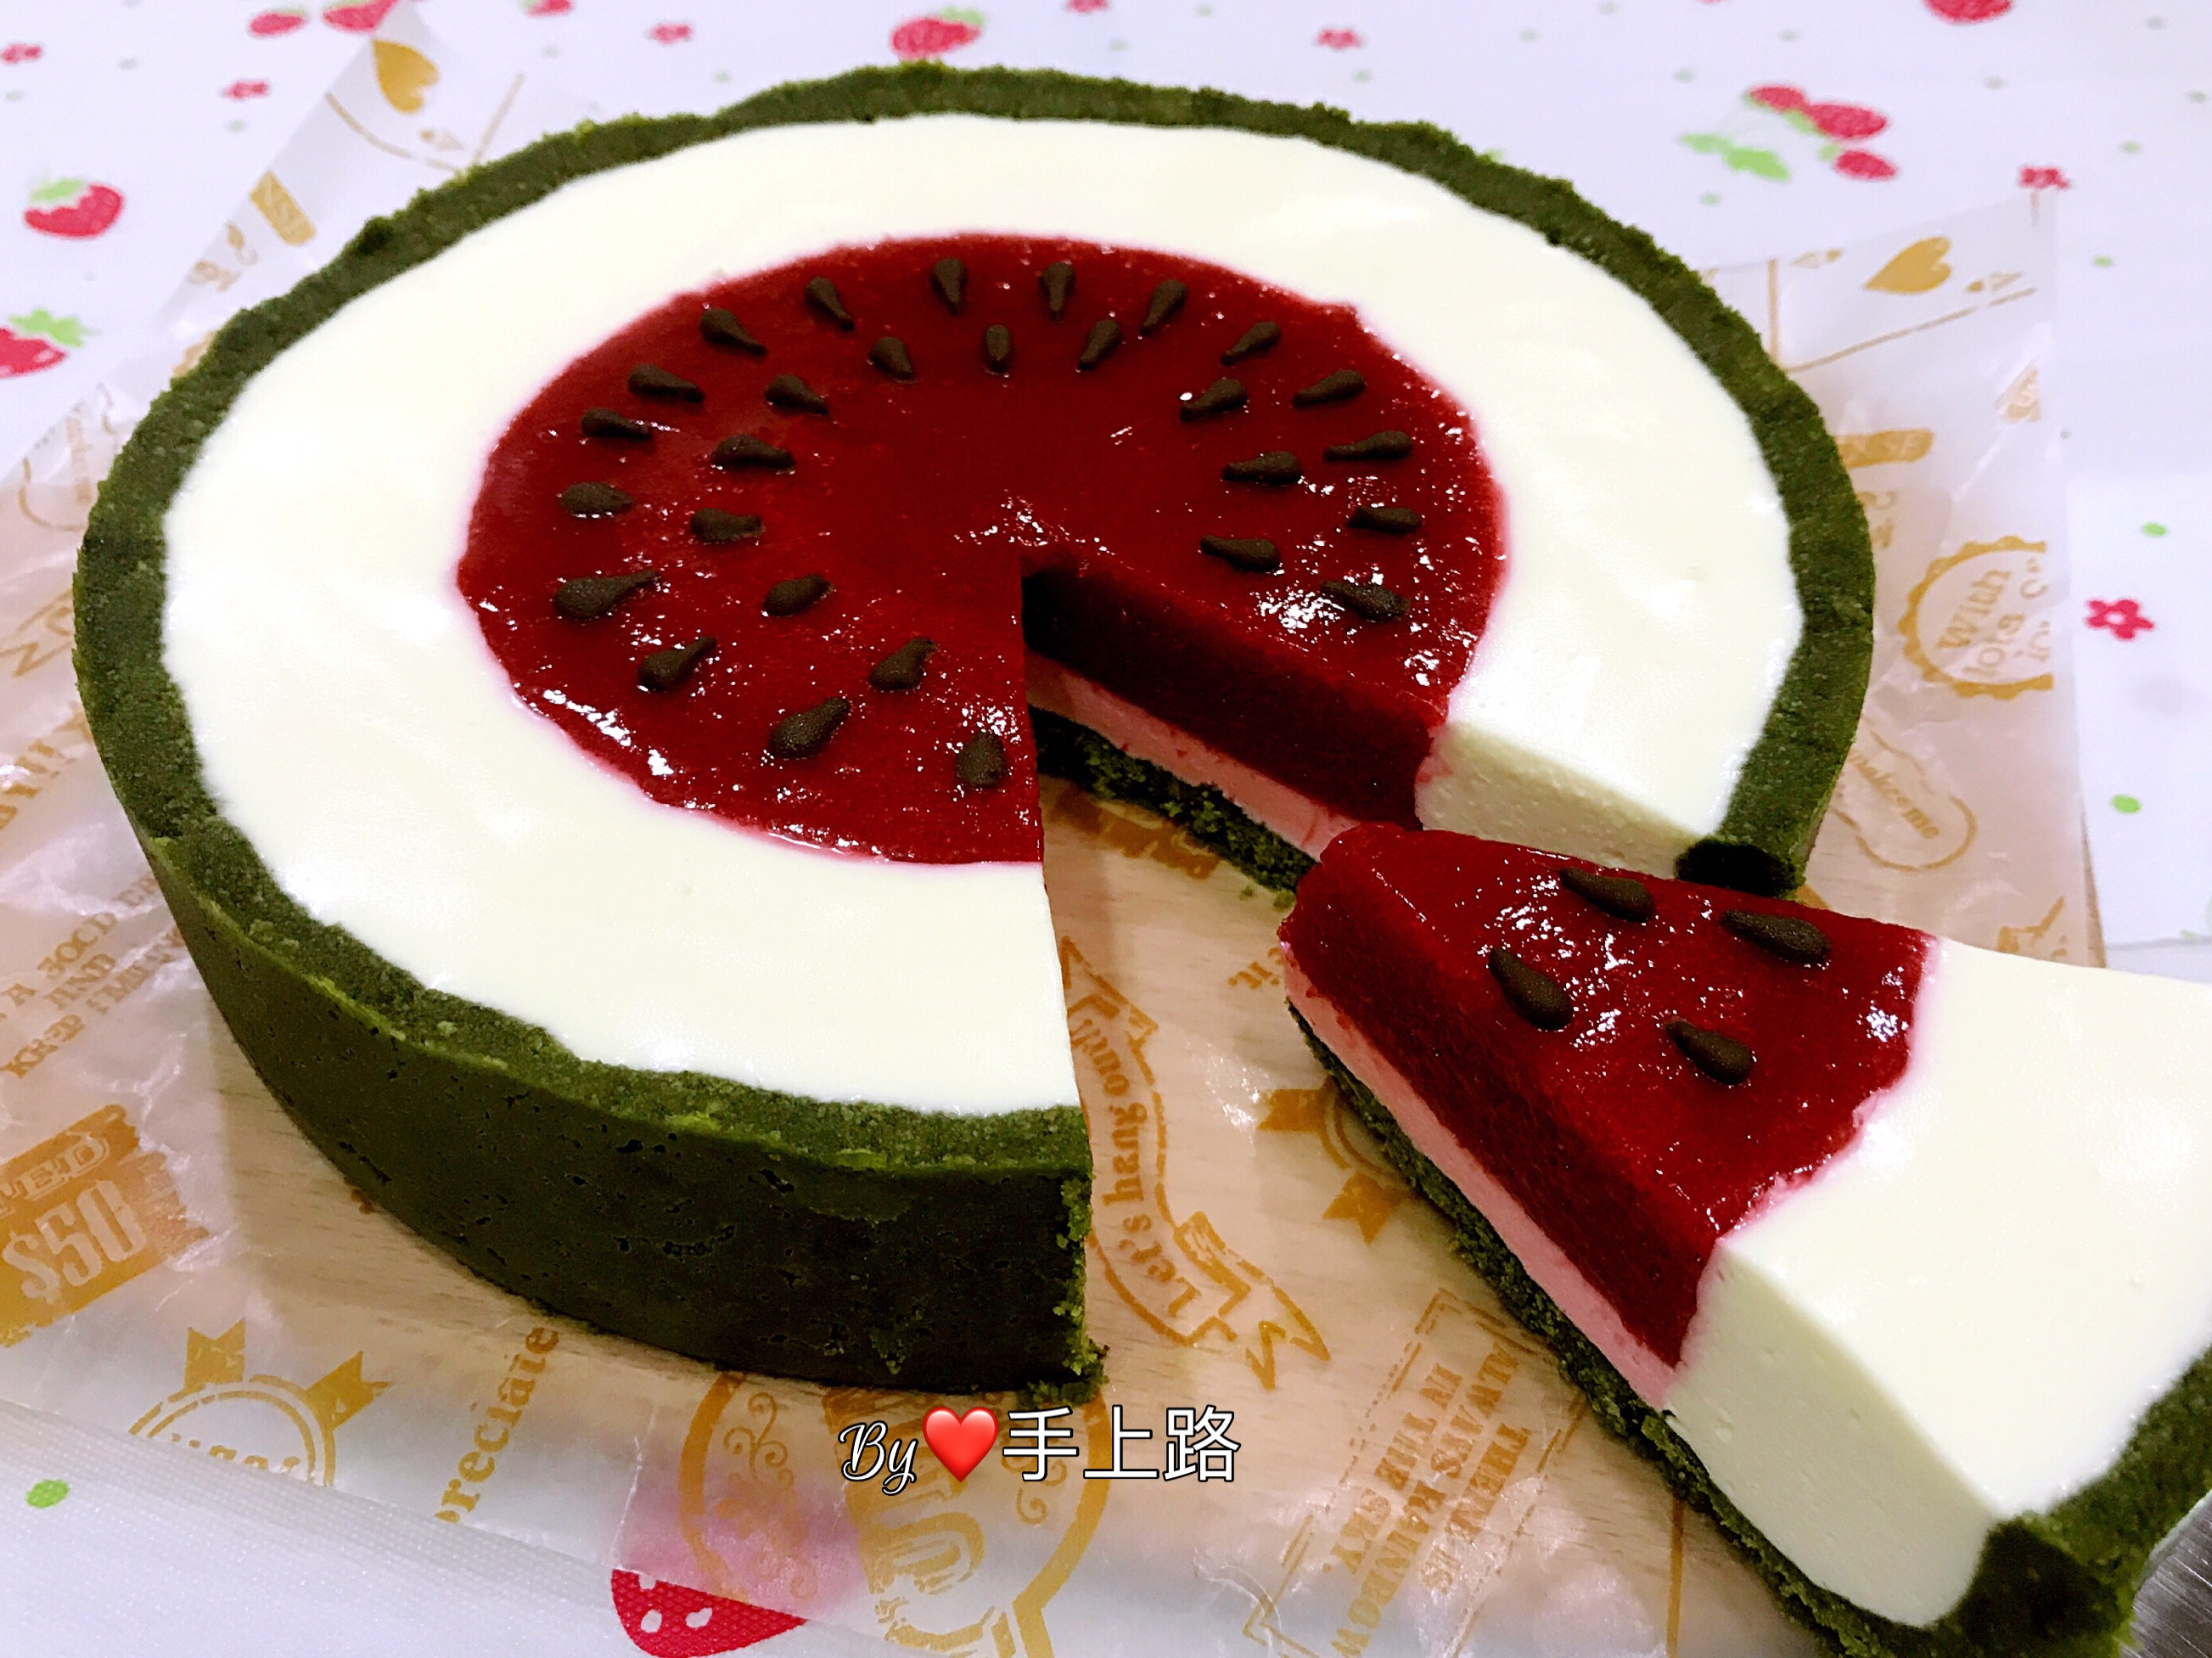 🍉西瓜造型乳酪蛋糕🍉(7吋、免烤箱)